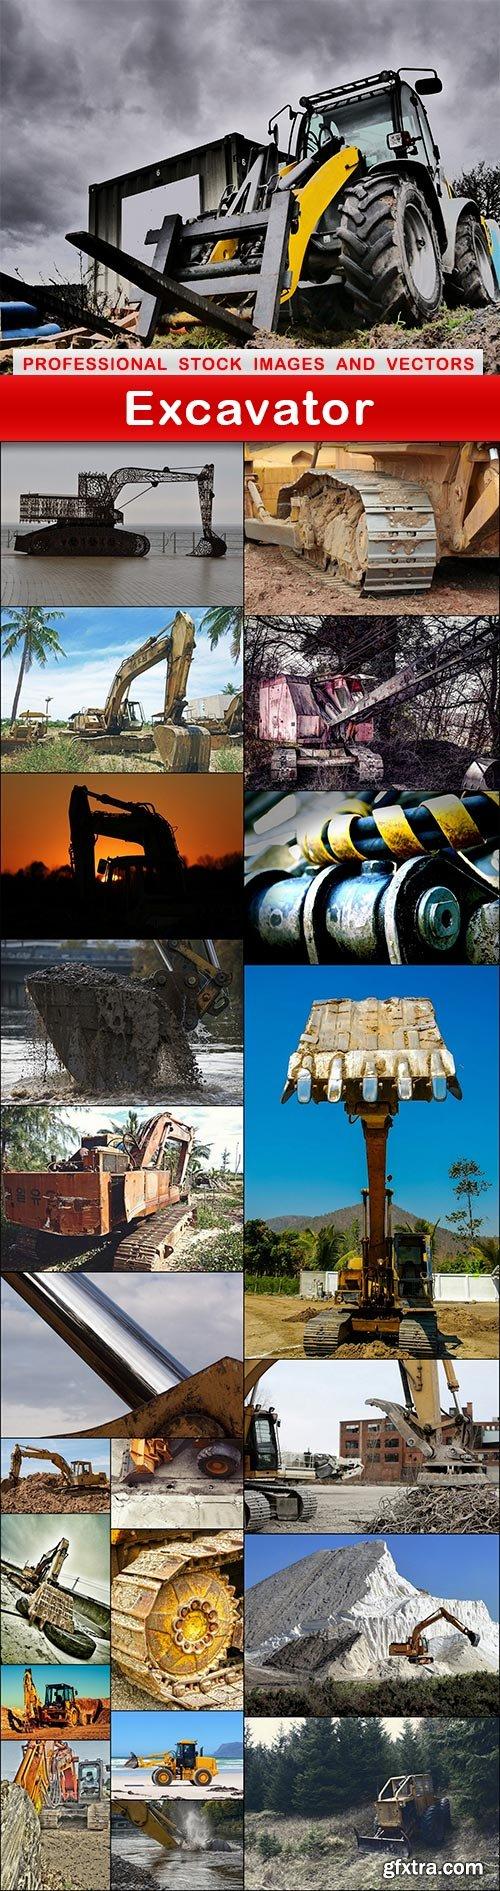 Excavator - 22 UHQ JPEG